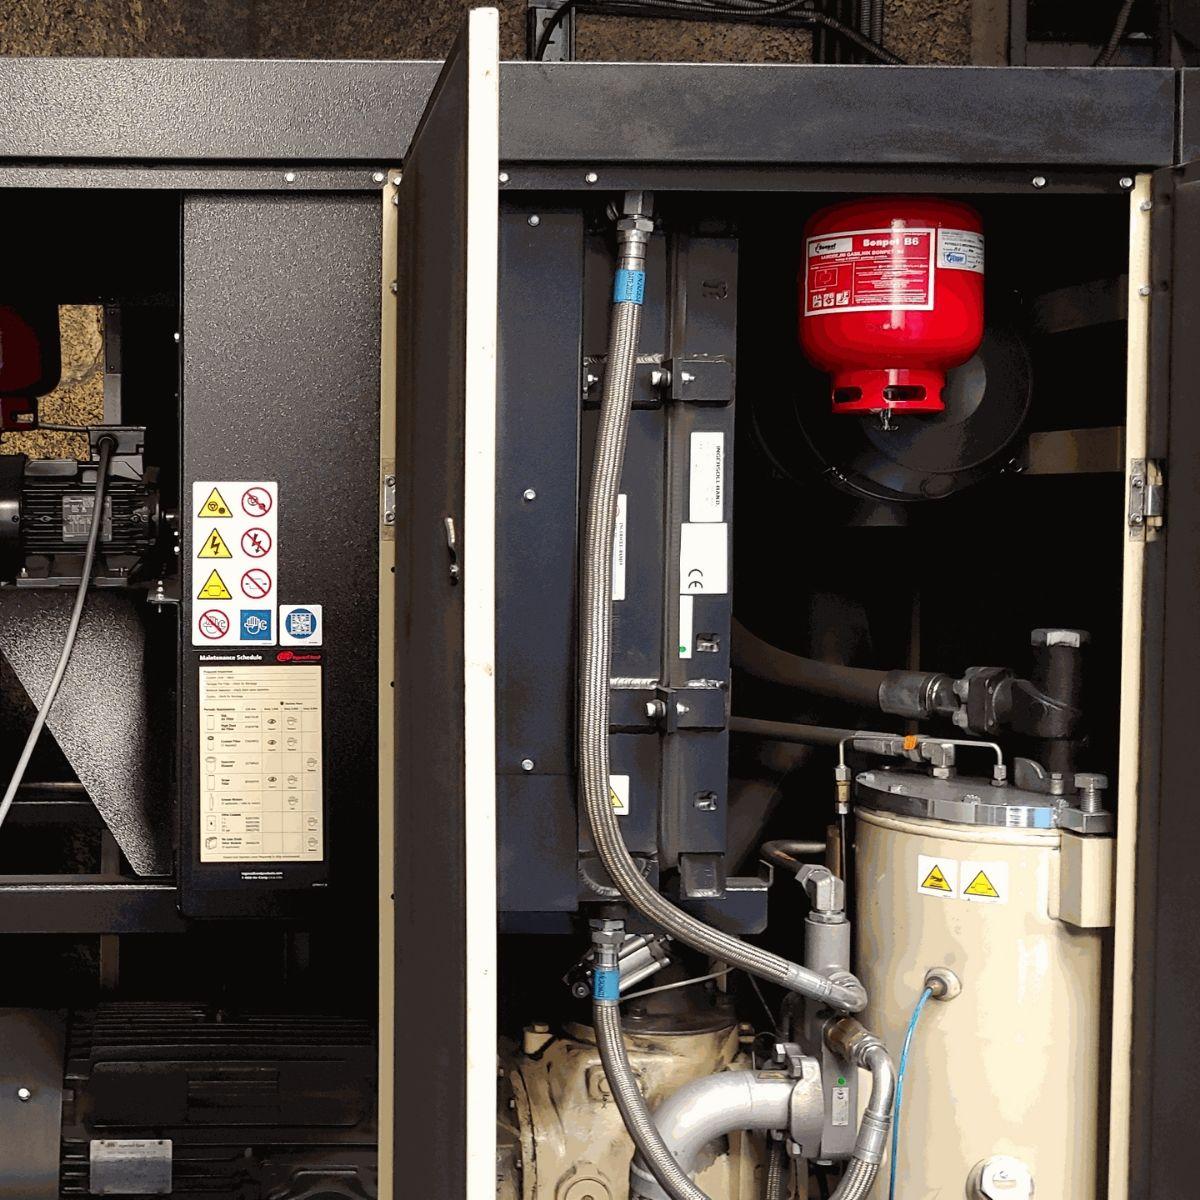 Automatische Feuerlöscher - Entdecken Sie hier die Besonderheiten der automatischen Feuerlöscher von Bonpet und sichern Sie sich Ihren eigenen automatischen Feuerlöscher für Industrie.